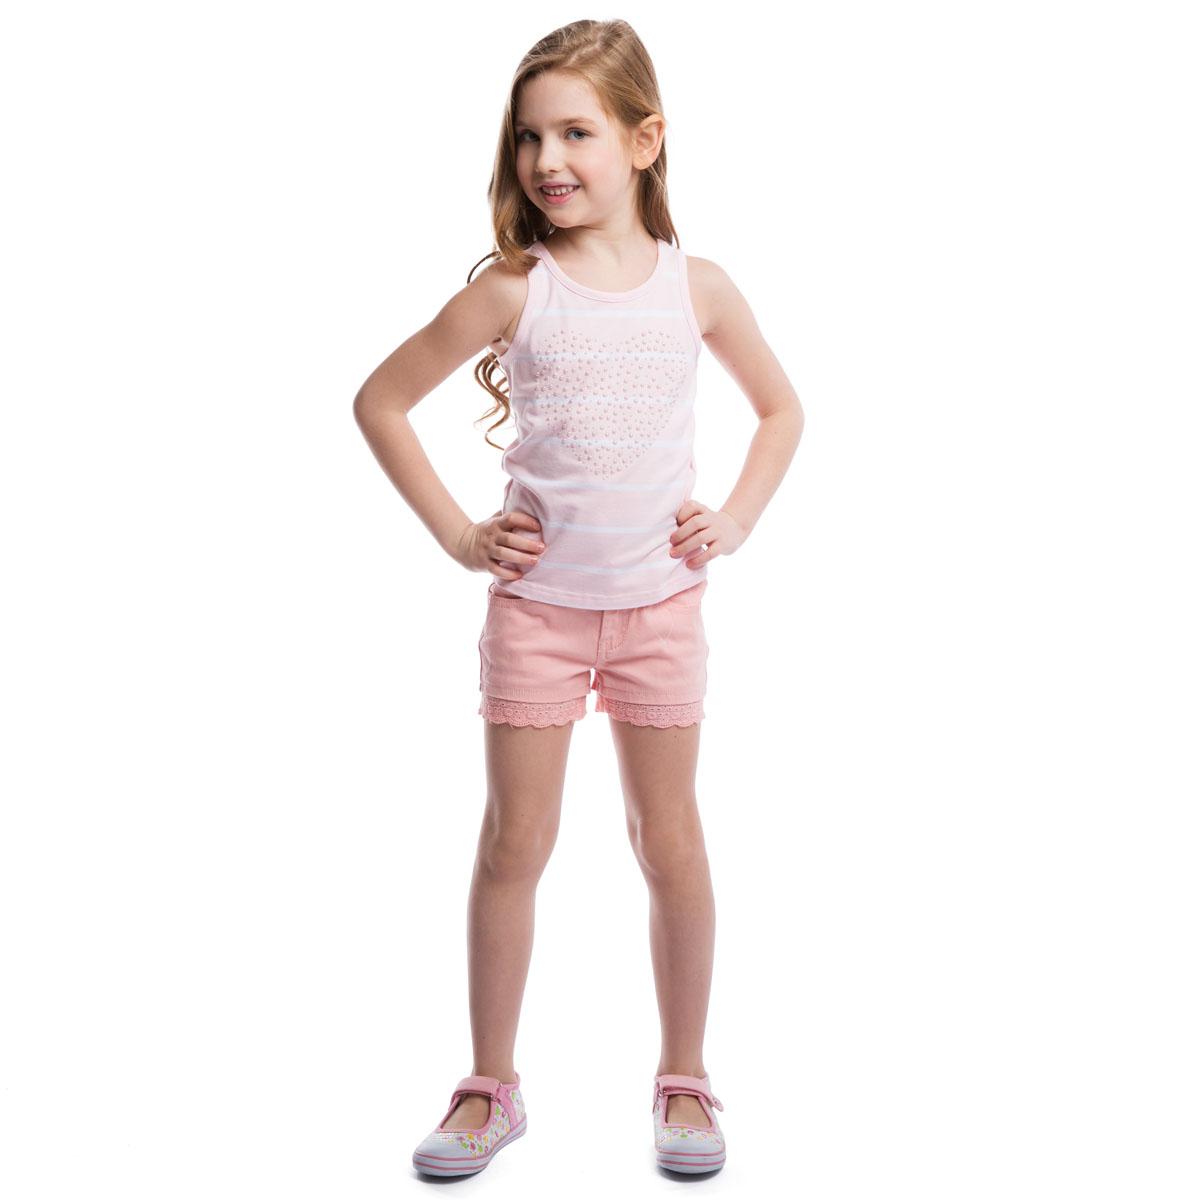 Шорты для девочки. 262006262006Модные шорты для девочки PlayToday идеально подойдут вашей маленькой принцессе. Изготовленные из эластичного хлопка, они мягкие и приятные на ощупь, не сковывают движения и позволяют коже дышать. Шорты застегиваются на поясе на металлическую кнопку и имеют ширинку на застежке-молнии, а также шлевки для ремня. При необходимости пояс можно утянуть скрытой резинкой на пуговках. У модели спереди два втачных кармана и сзади два накладных кармана. Изделие декорировано кружевными вставками. В таких шортах ваша принцесса будет чувствовать себя комфортно и всегда будет в центре внимания!